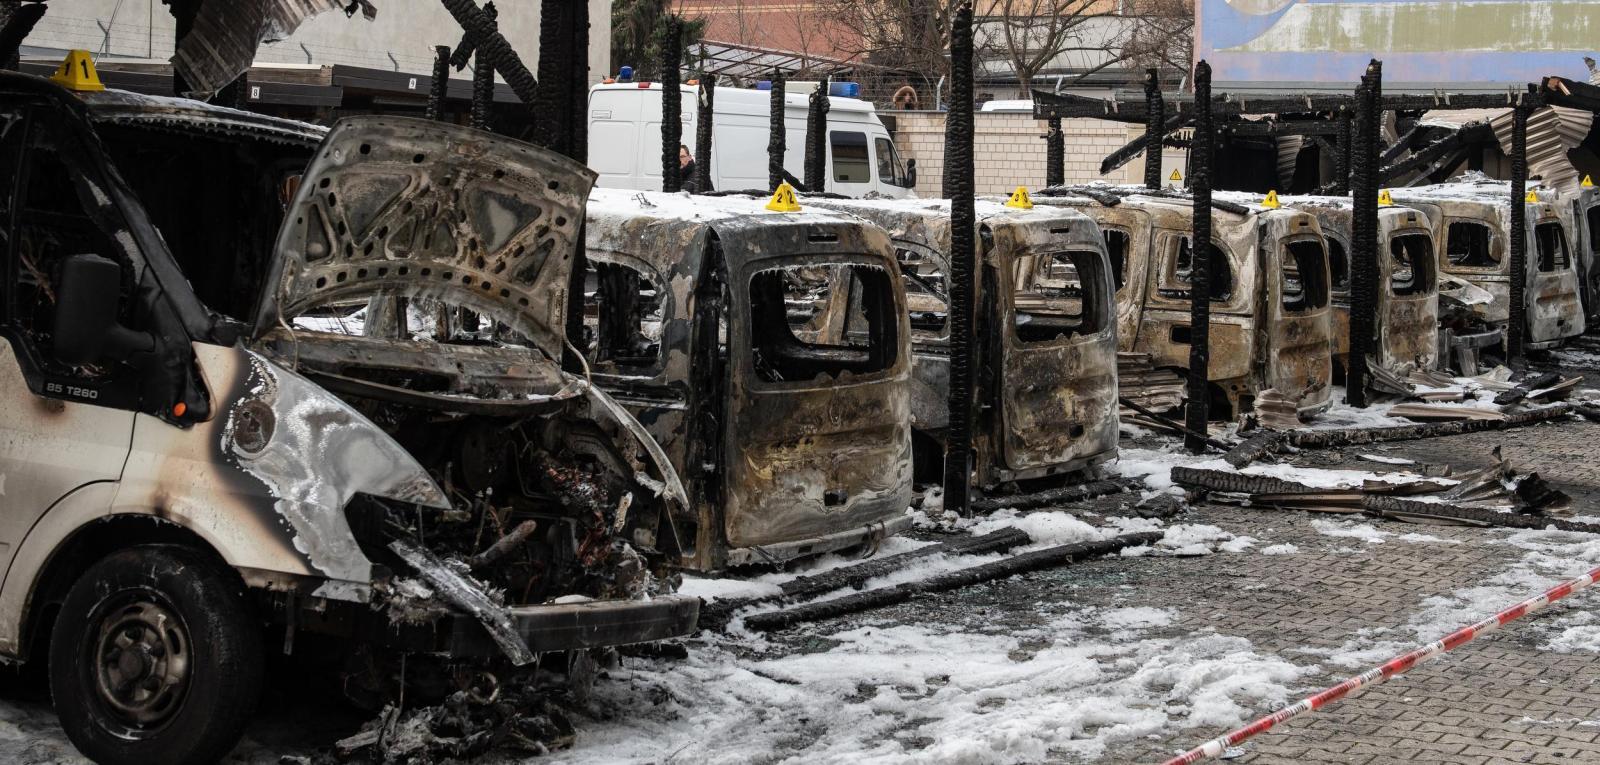 mehrere ausgebrannte Auto-Leichen